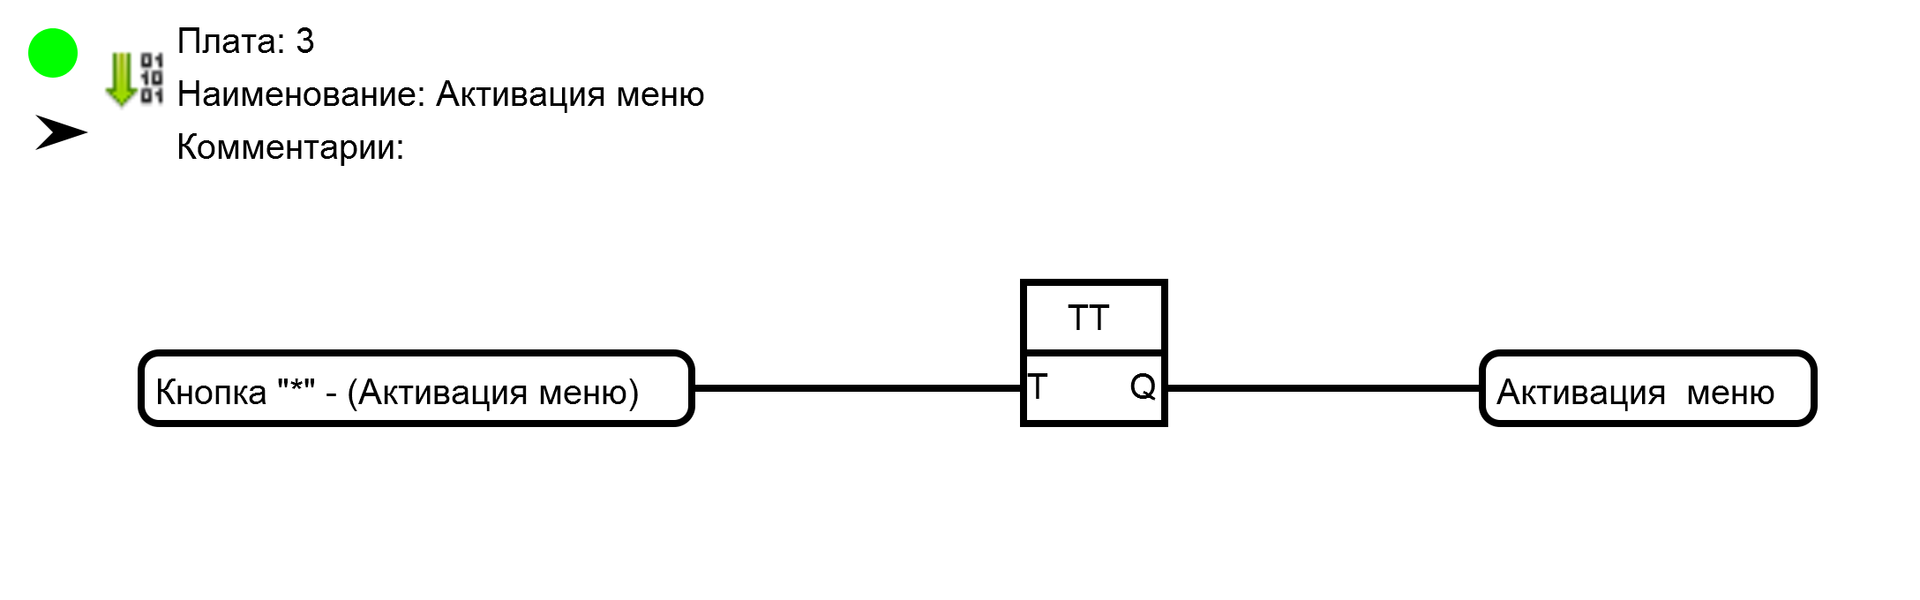 Создание меню с помощью программы FLProg - 28